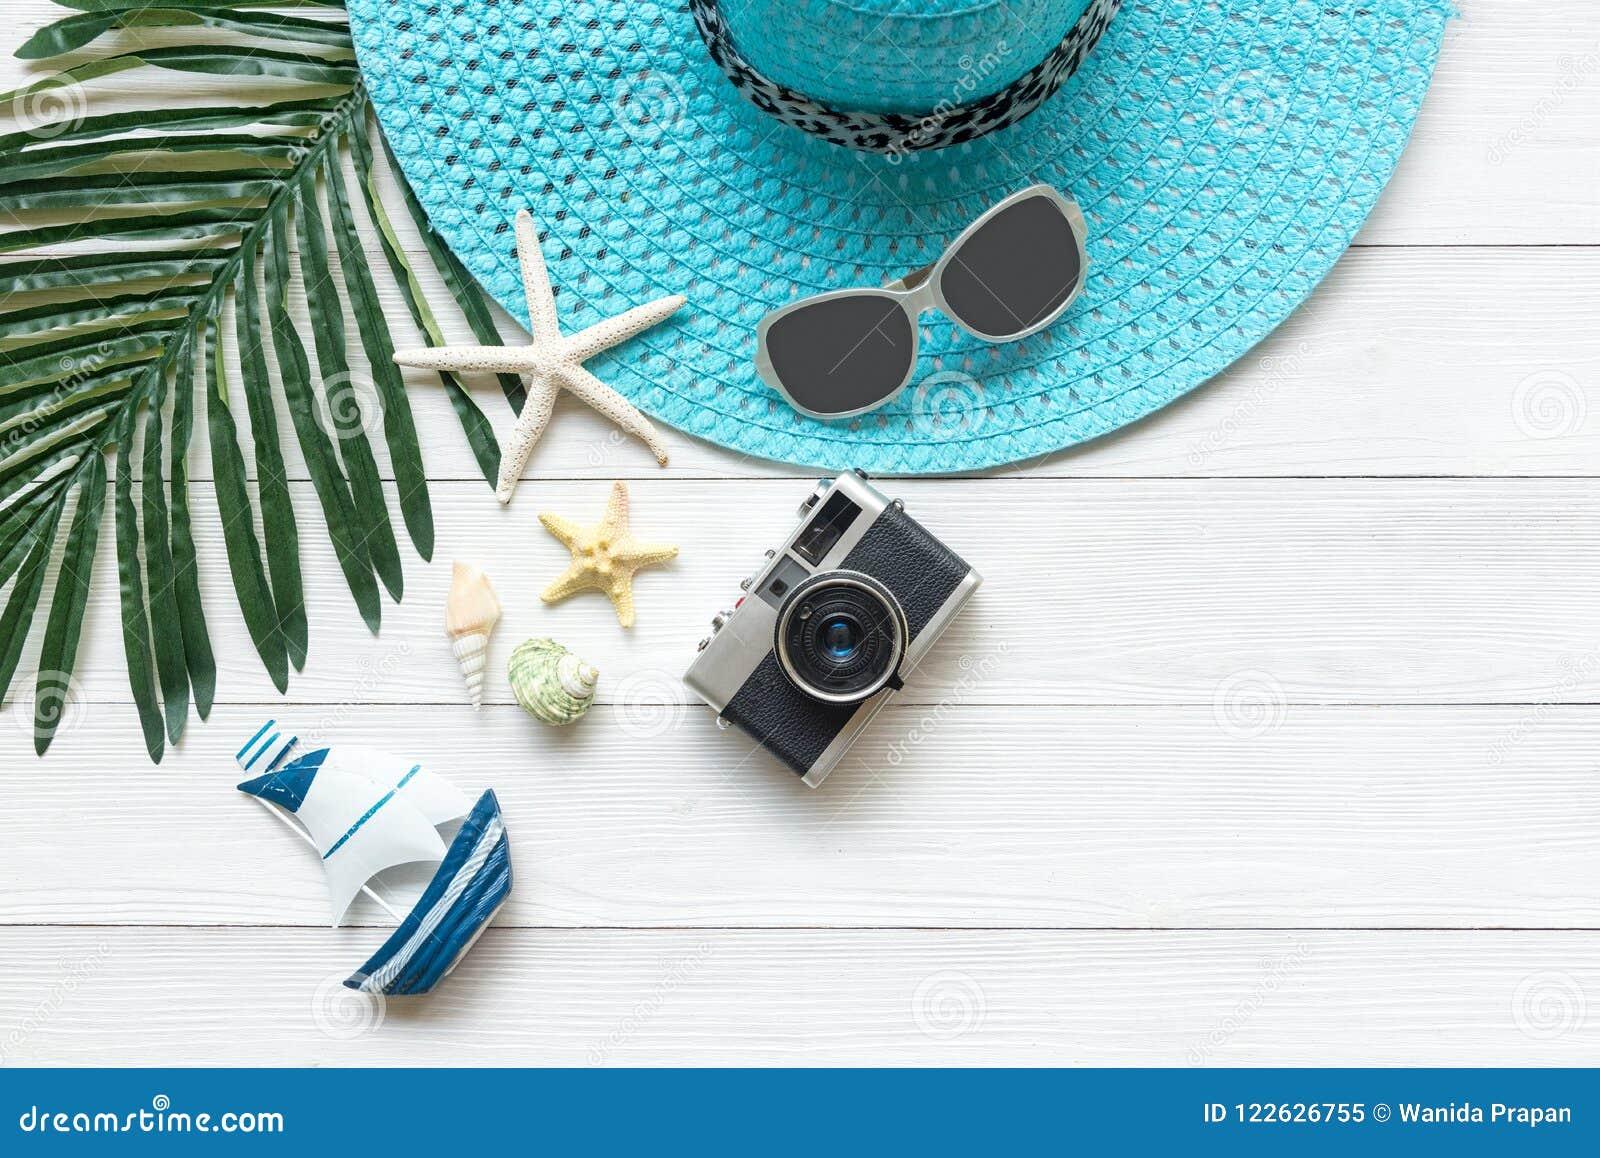 Moda del verano, cámara, estrella de mar, sunblock, vidrios de sol, sombrero Viaje y vacaciones en el día de fiesta, fondo blanco